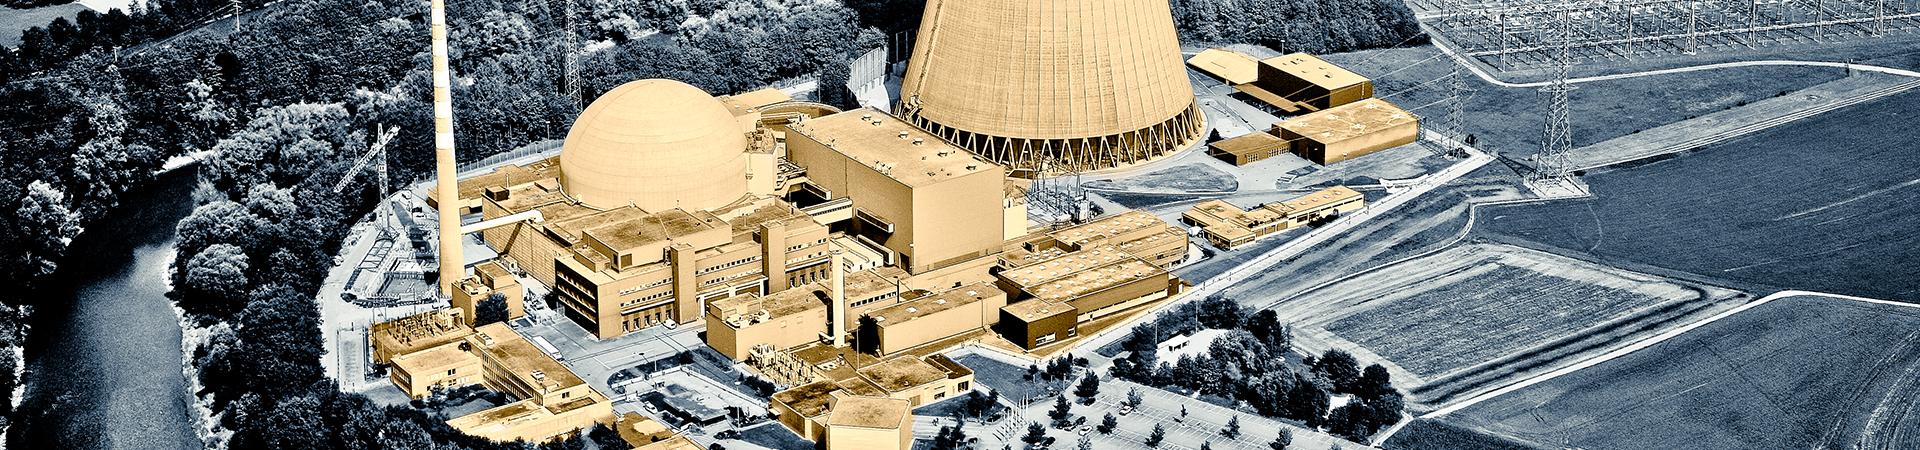 Kernkraftwerk Goesgen